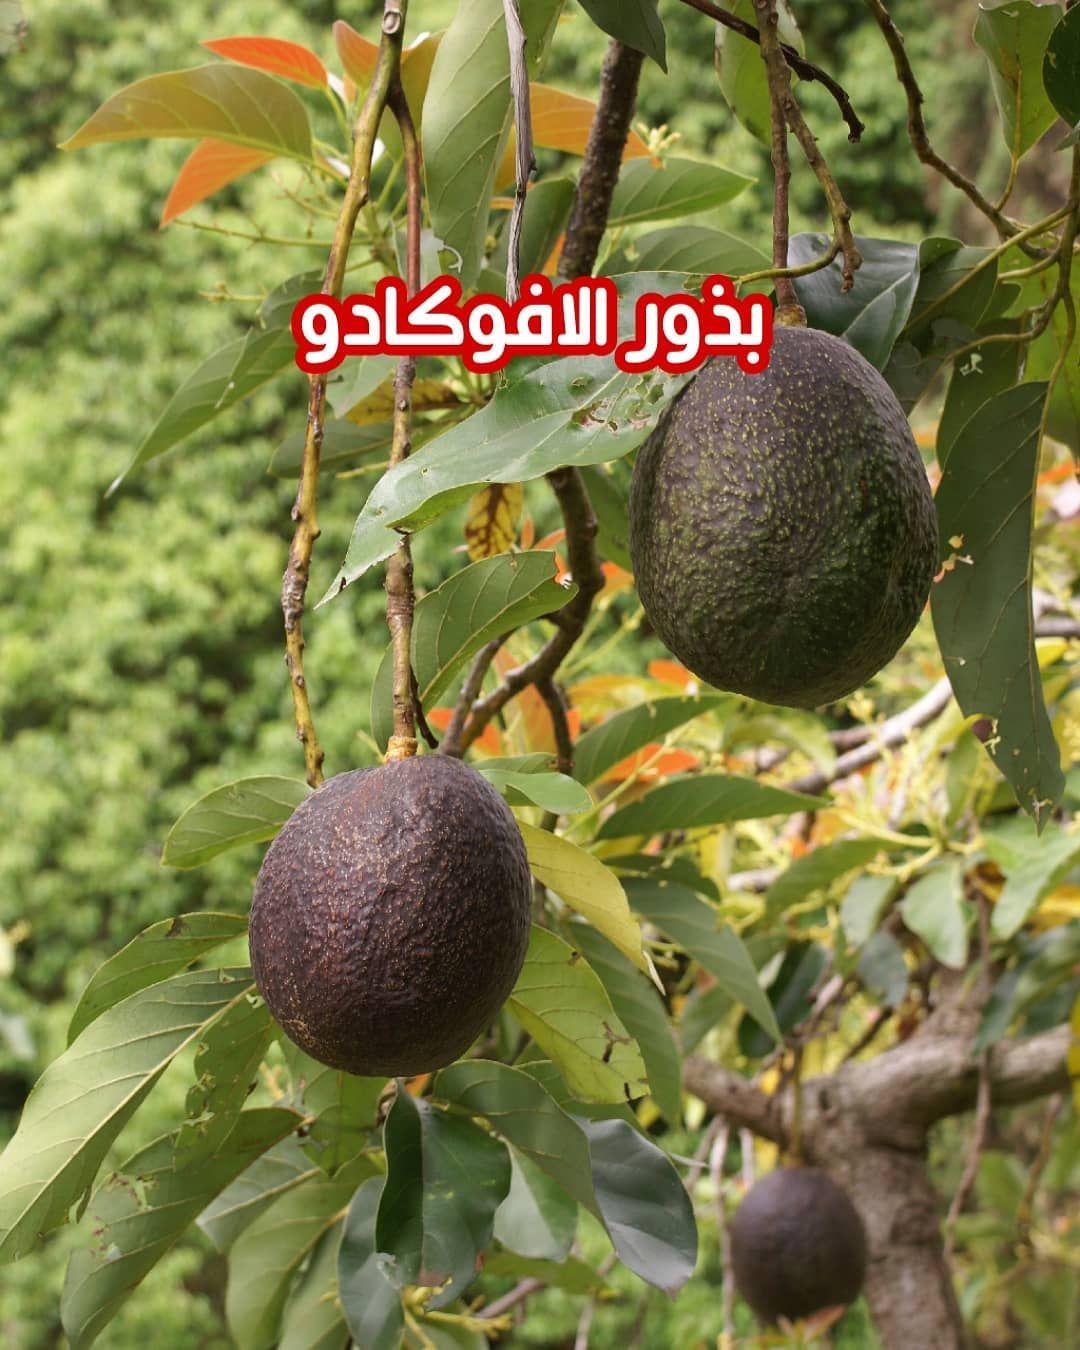 عرفت شجرة الأفوكادو منذ اكثر من 8000 سنة في المكسيك ومنها انتشرت زراعتها في جميع أنحاء العالم وخاصة في المناطق ذات المناخ ال Avocado Tree Fruit Trees Avocado